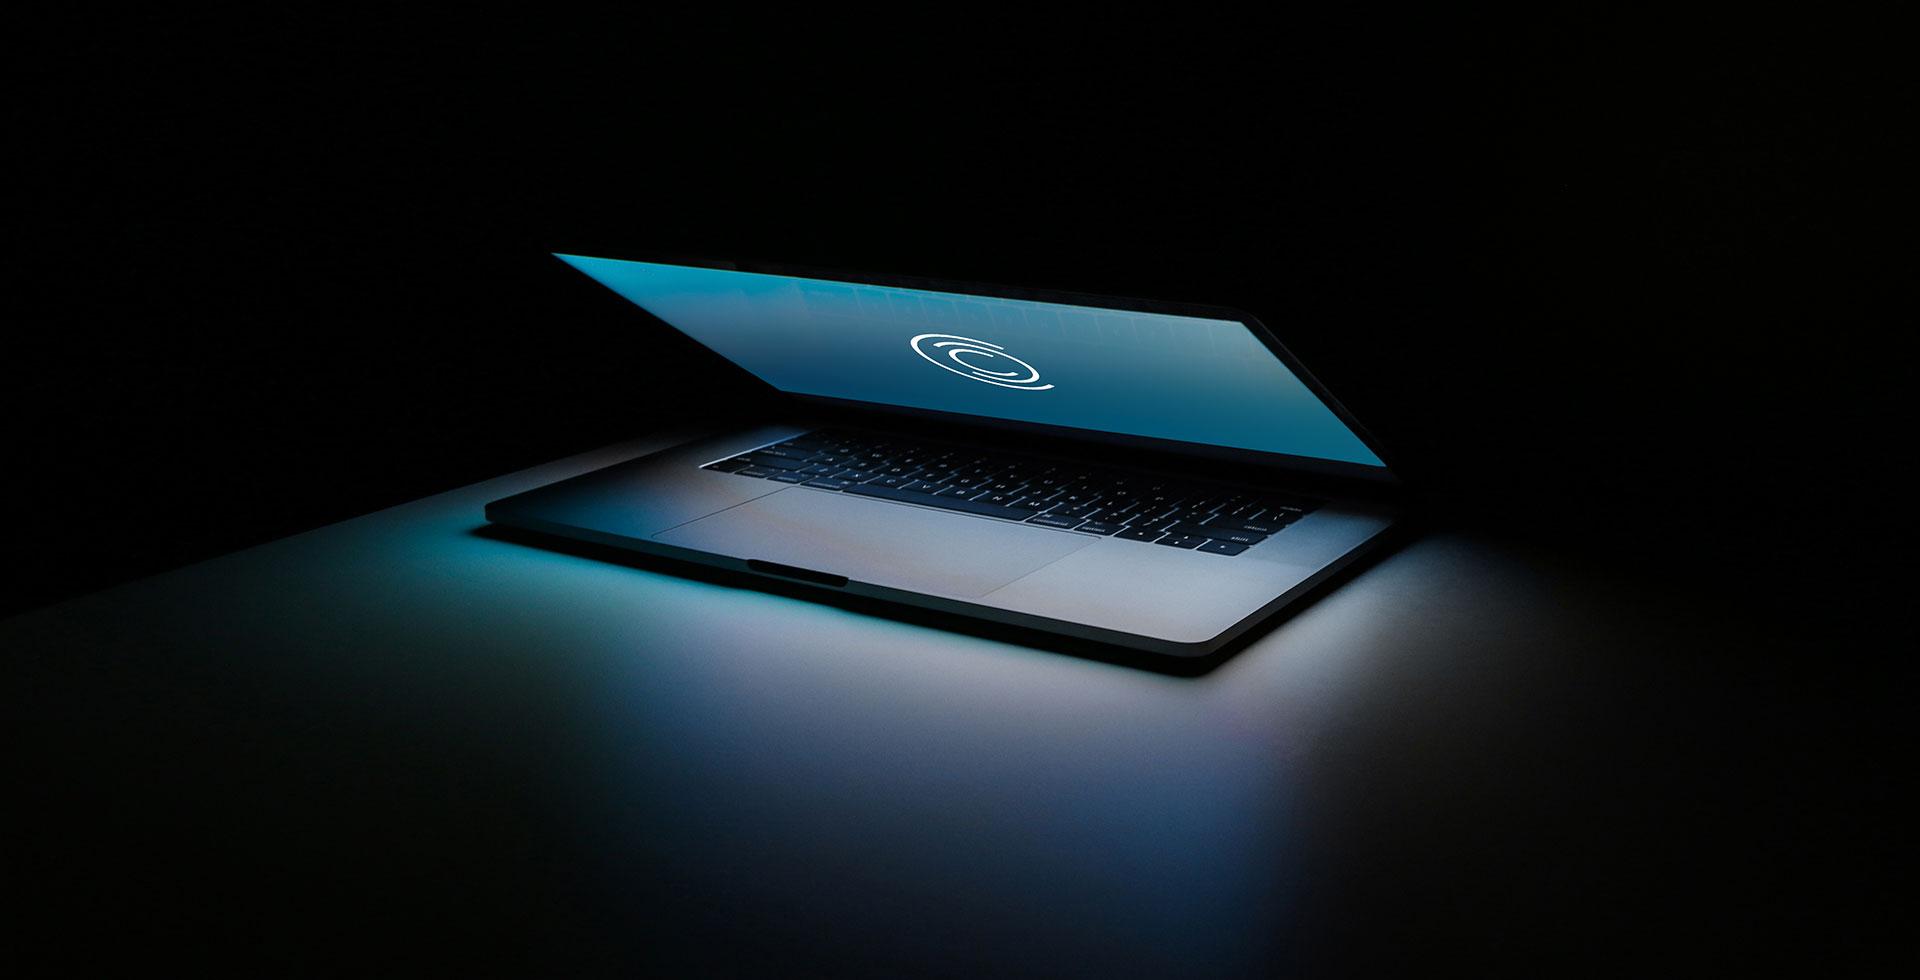 Halb aufgeklapptes Laptop mit neuem CCC-Logo